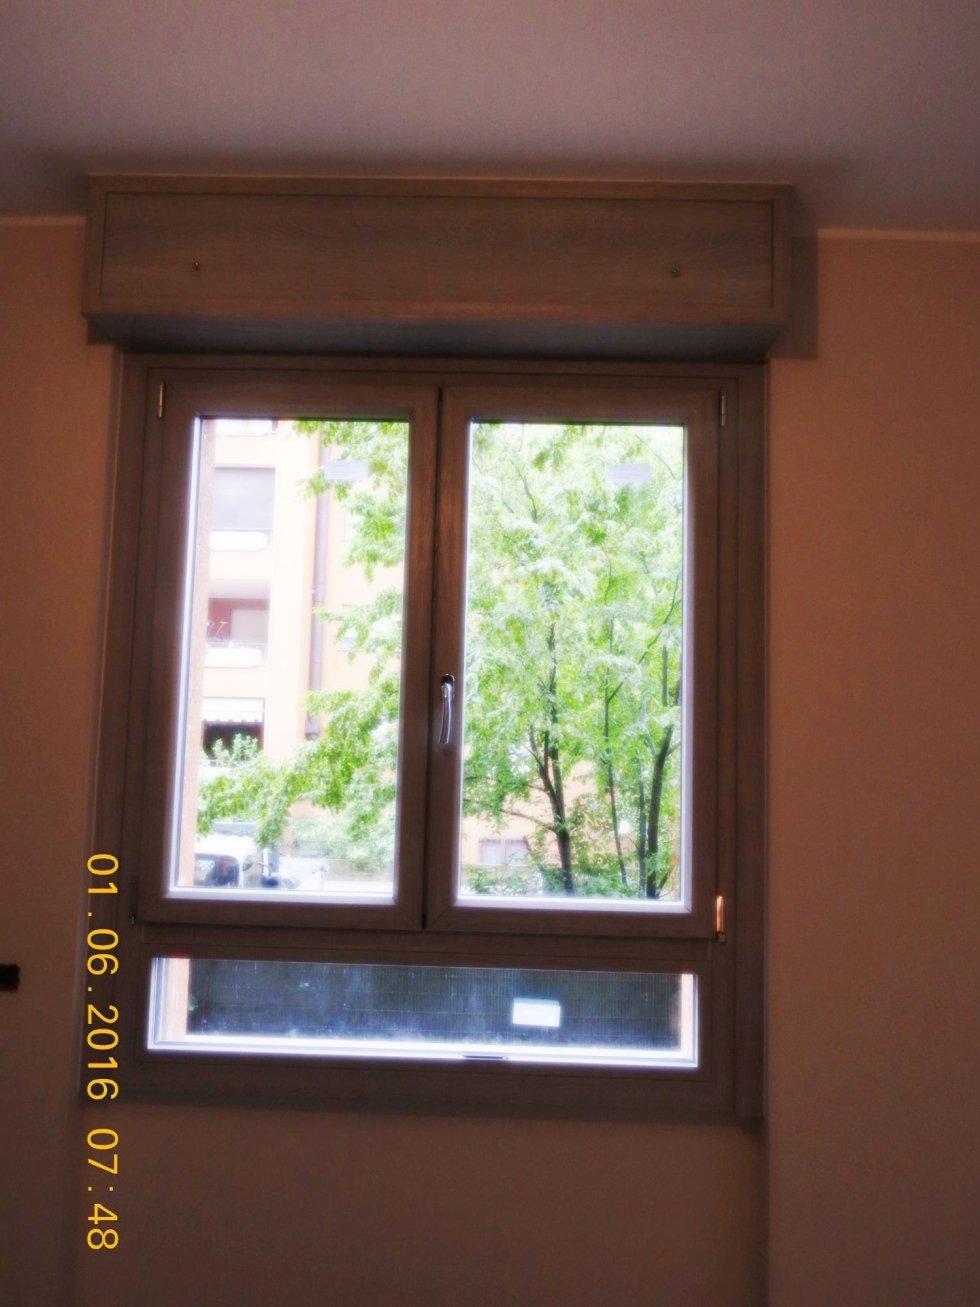 vista frontale di una finestra con cassonetto in legno